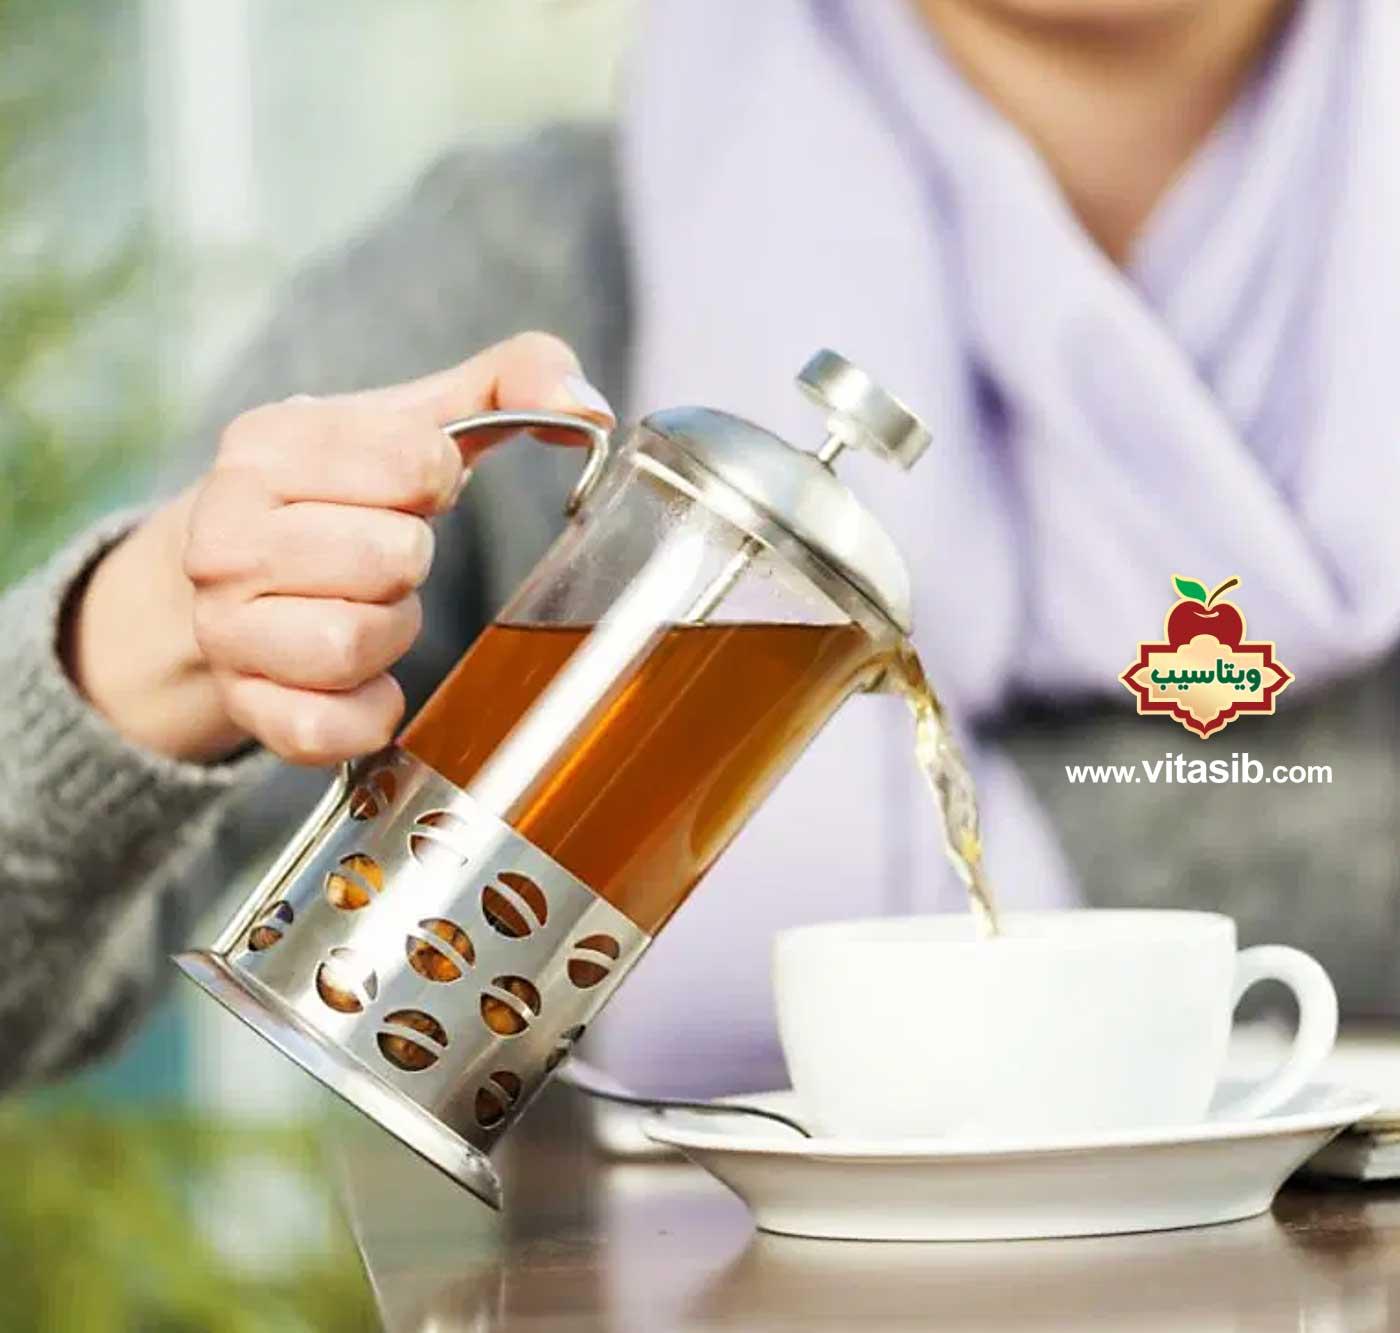 Fruit-Tea-Vitasib